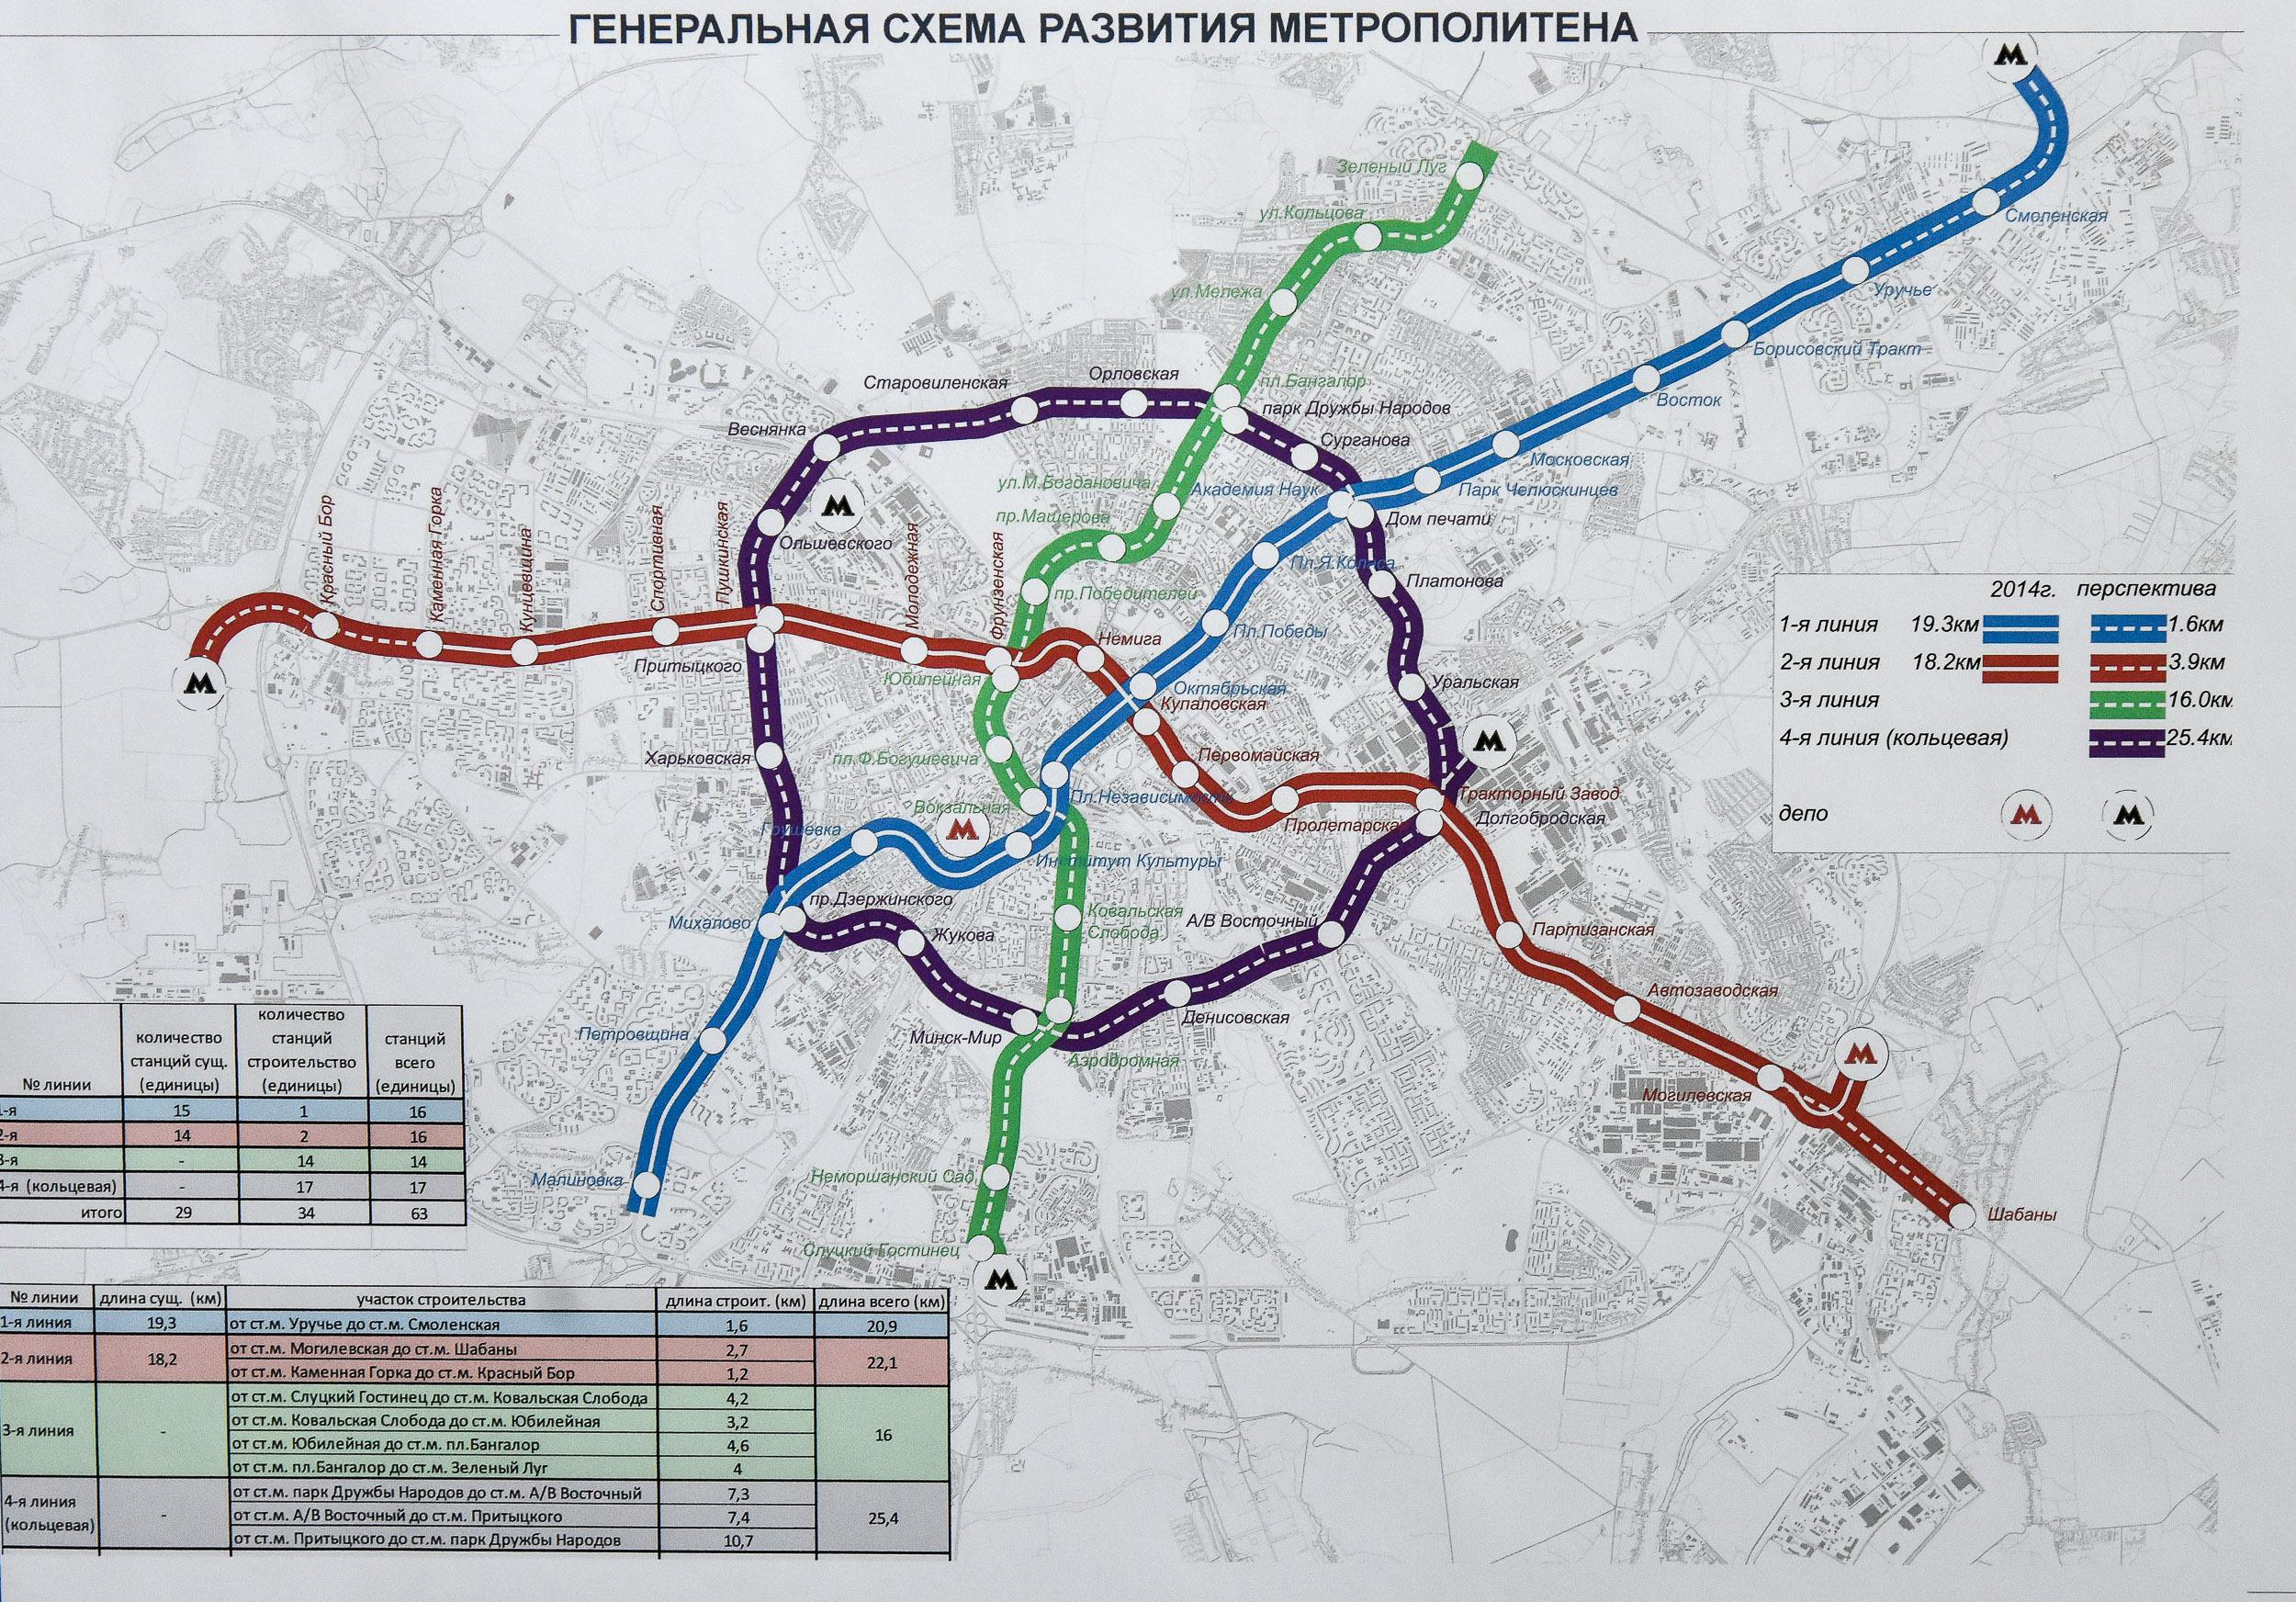 Схема метро минска 2016 года на русском